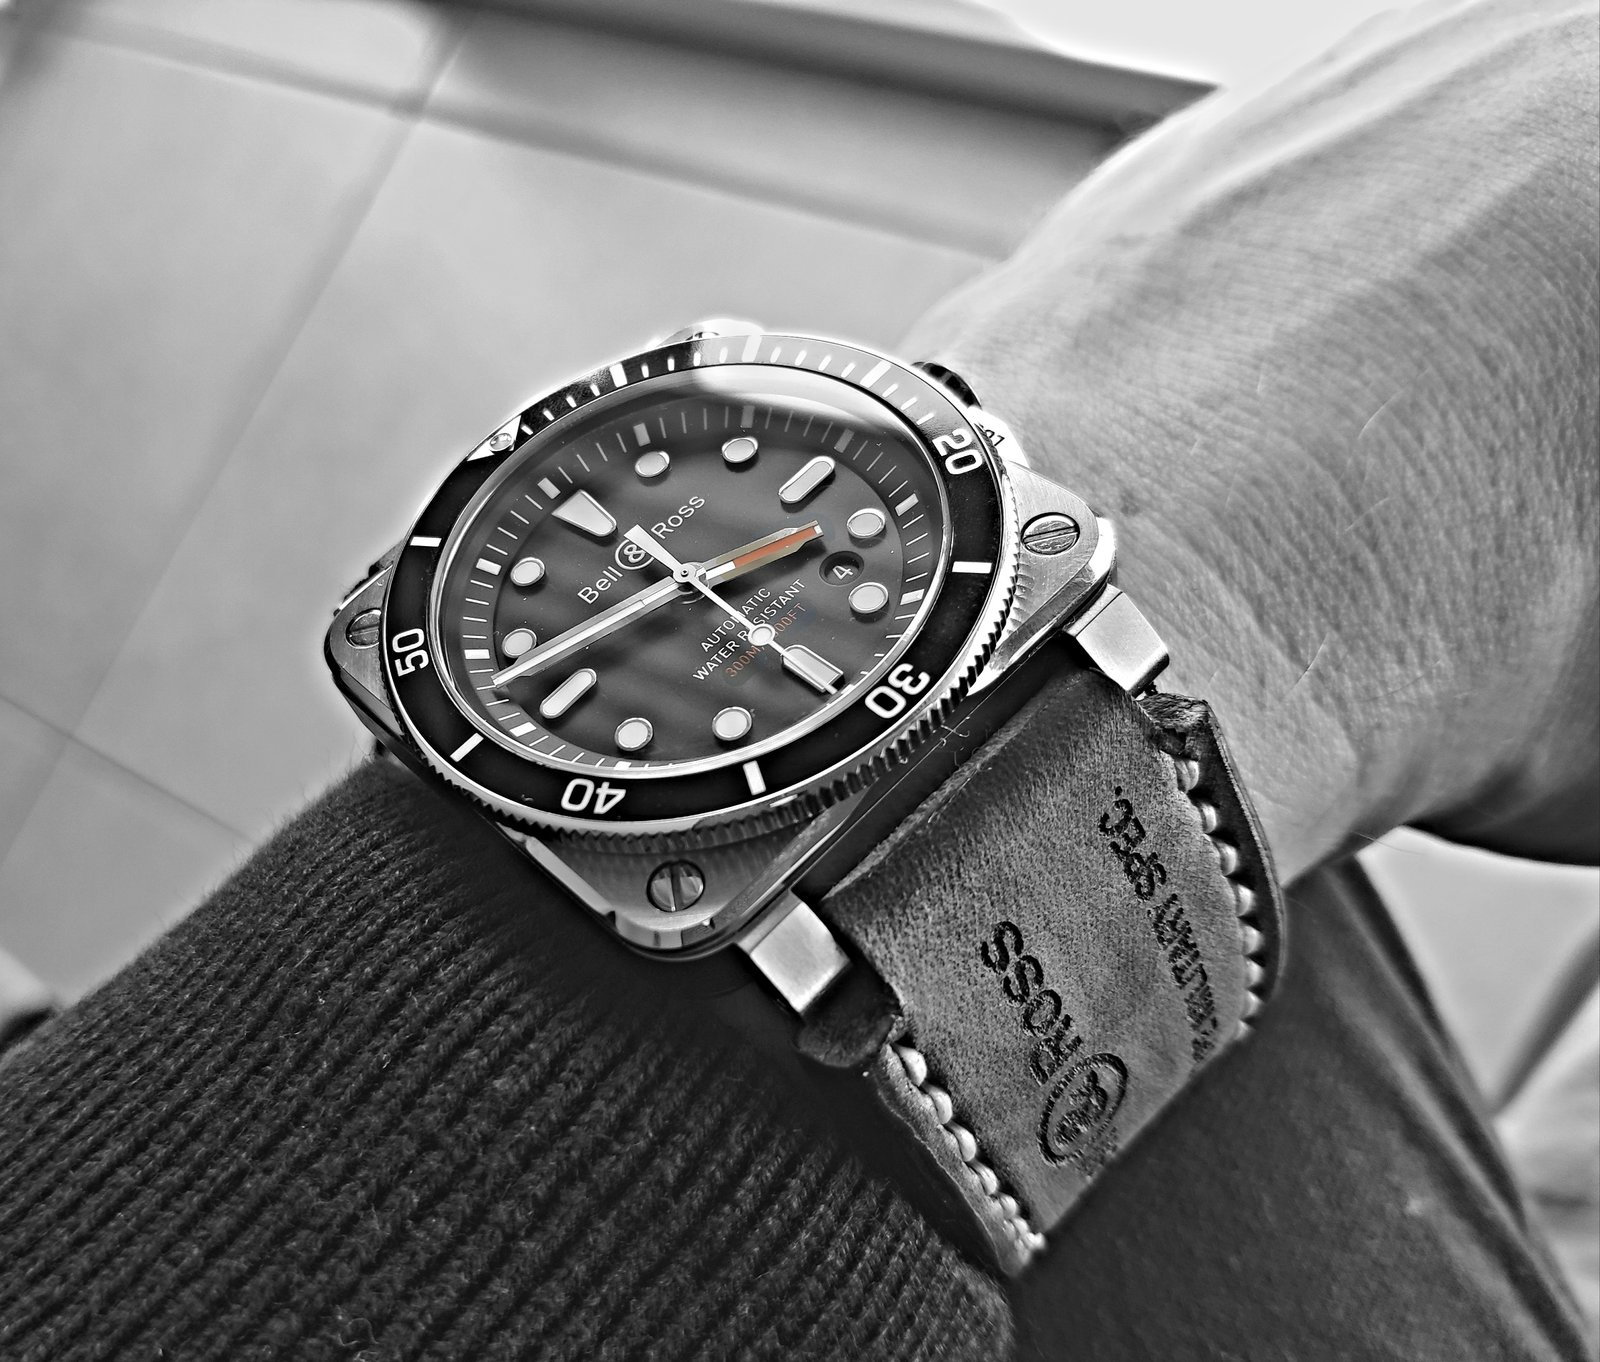 La montre du vendredi, le TGIF watch! - Page 35 191004053129291960